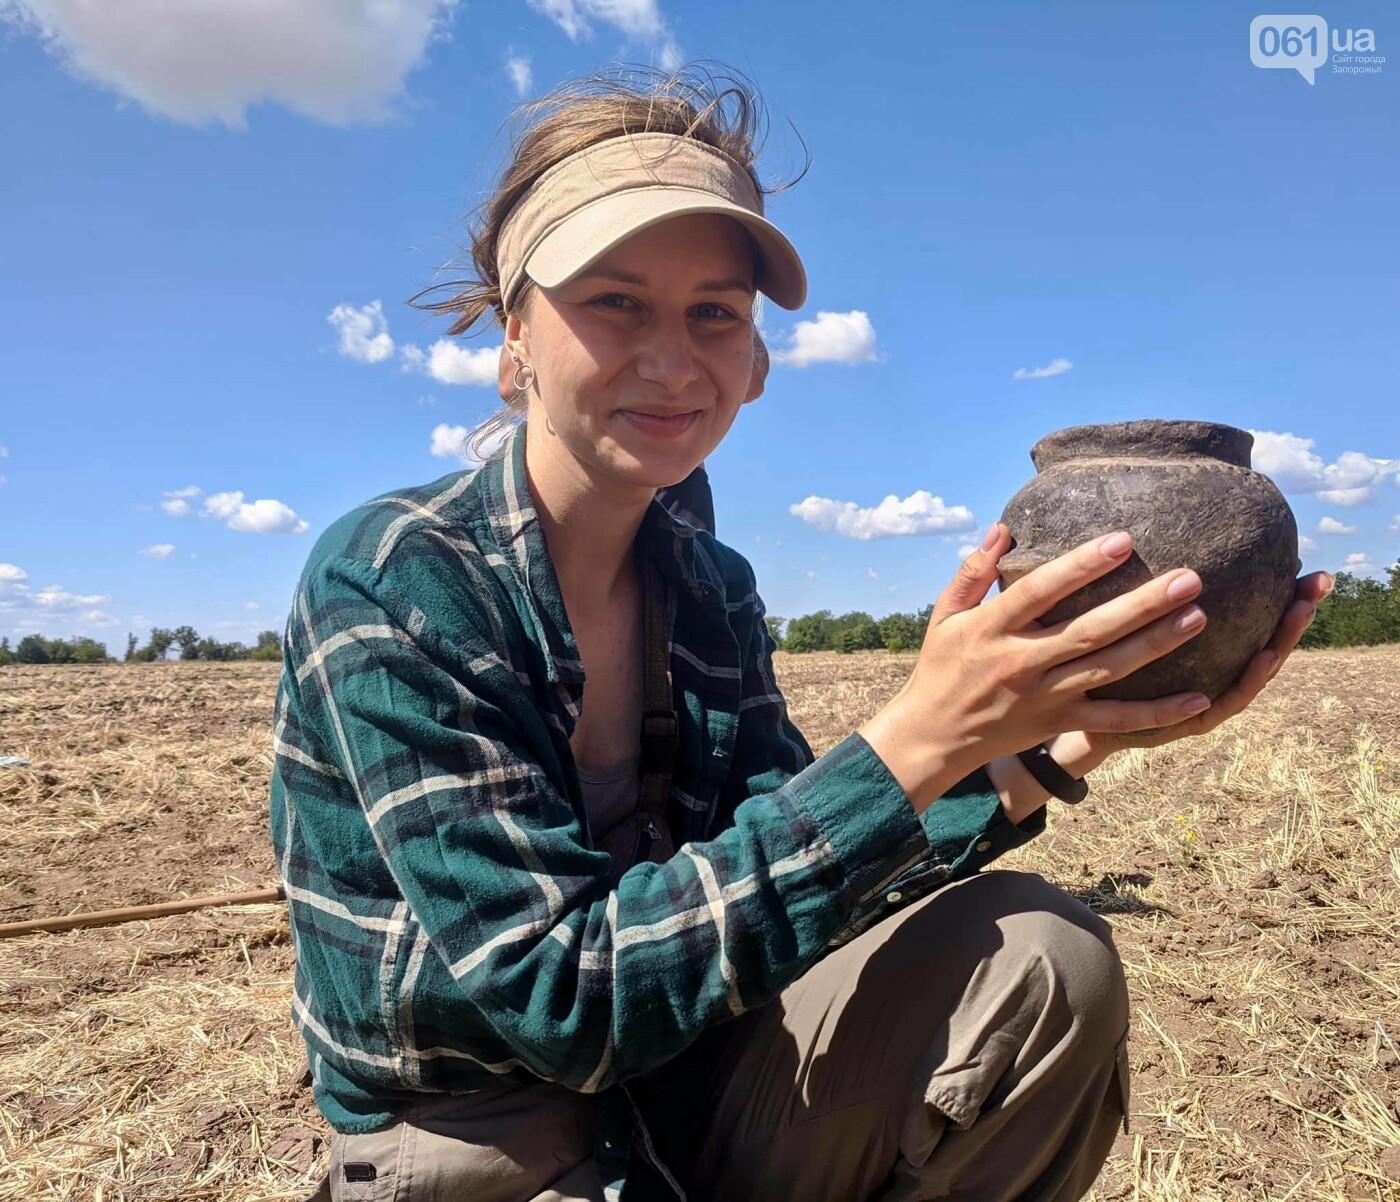 На раскопках Мамай-Горы заработал бульдозер: что уже удалось найти археологам, - ФОТО, фото-9